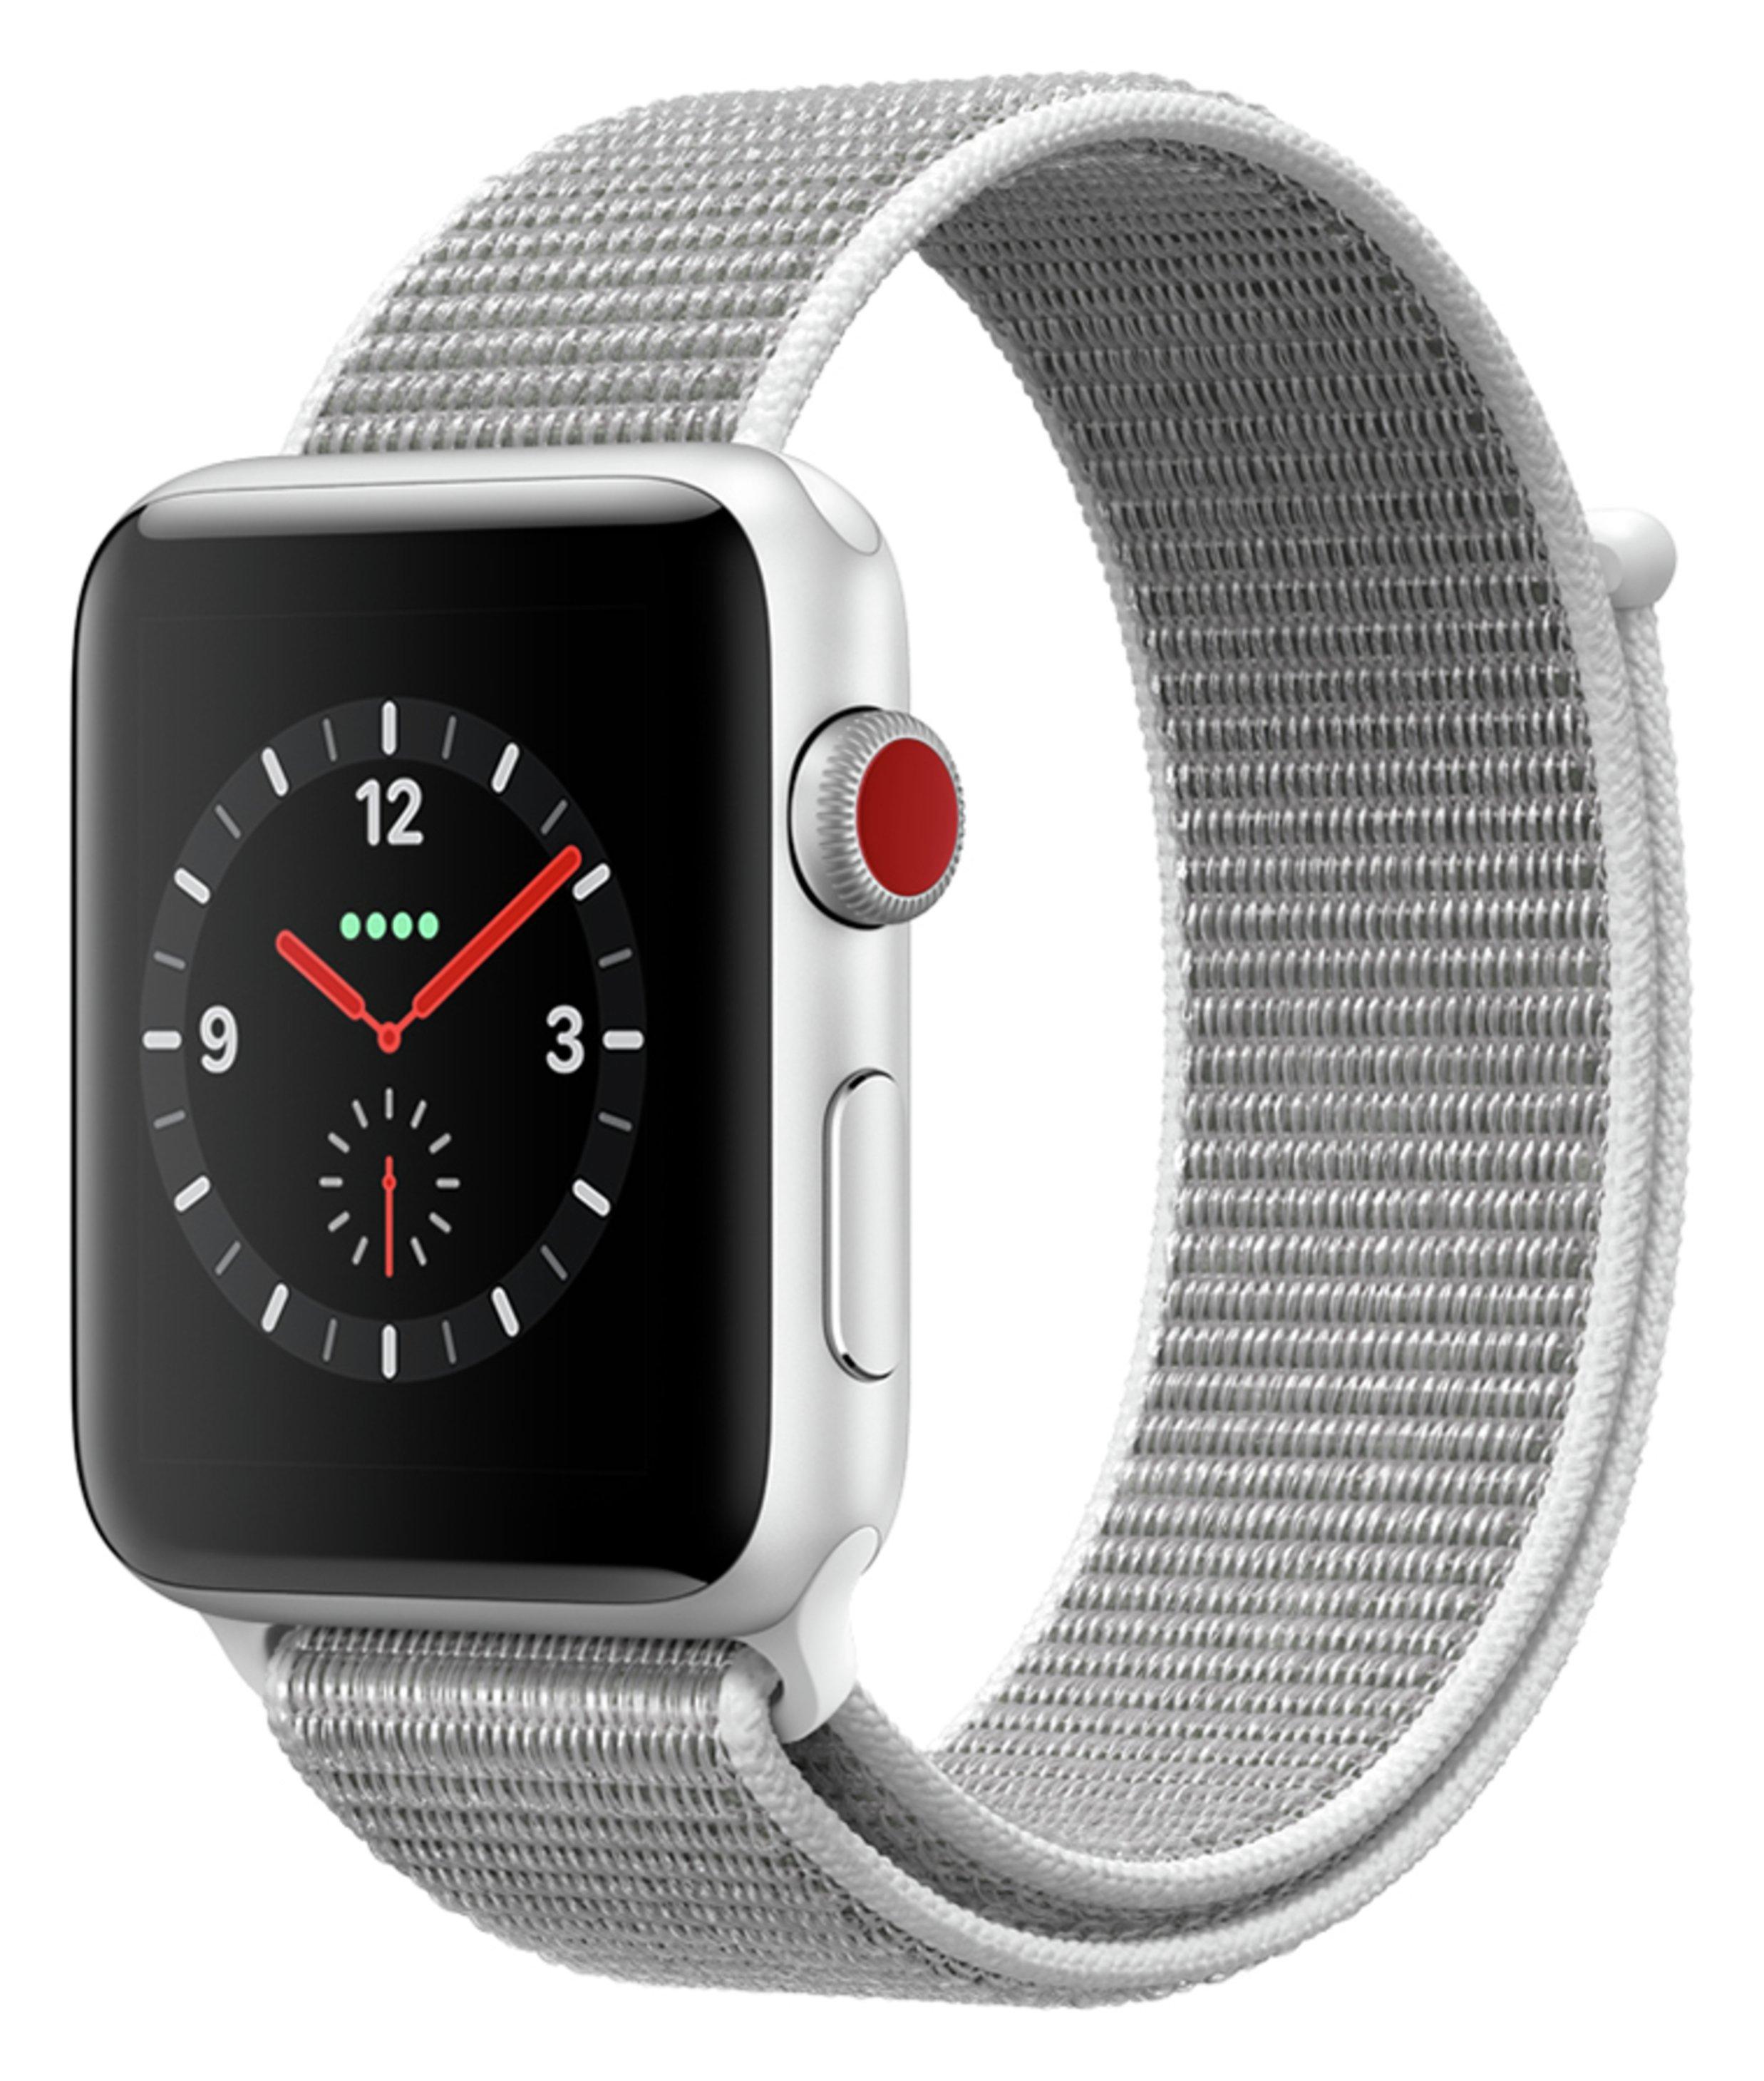 apple-watch-s3-cellular-38mm-silver-alu-case-seashell-loop